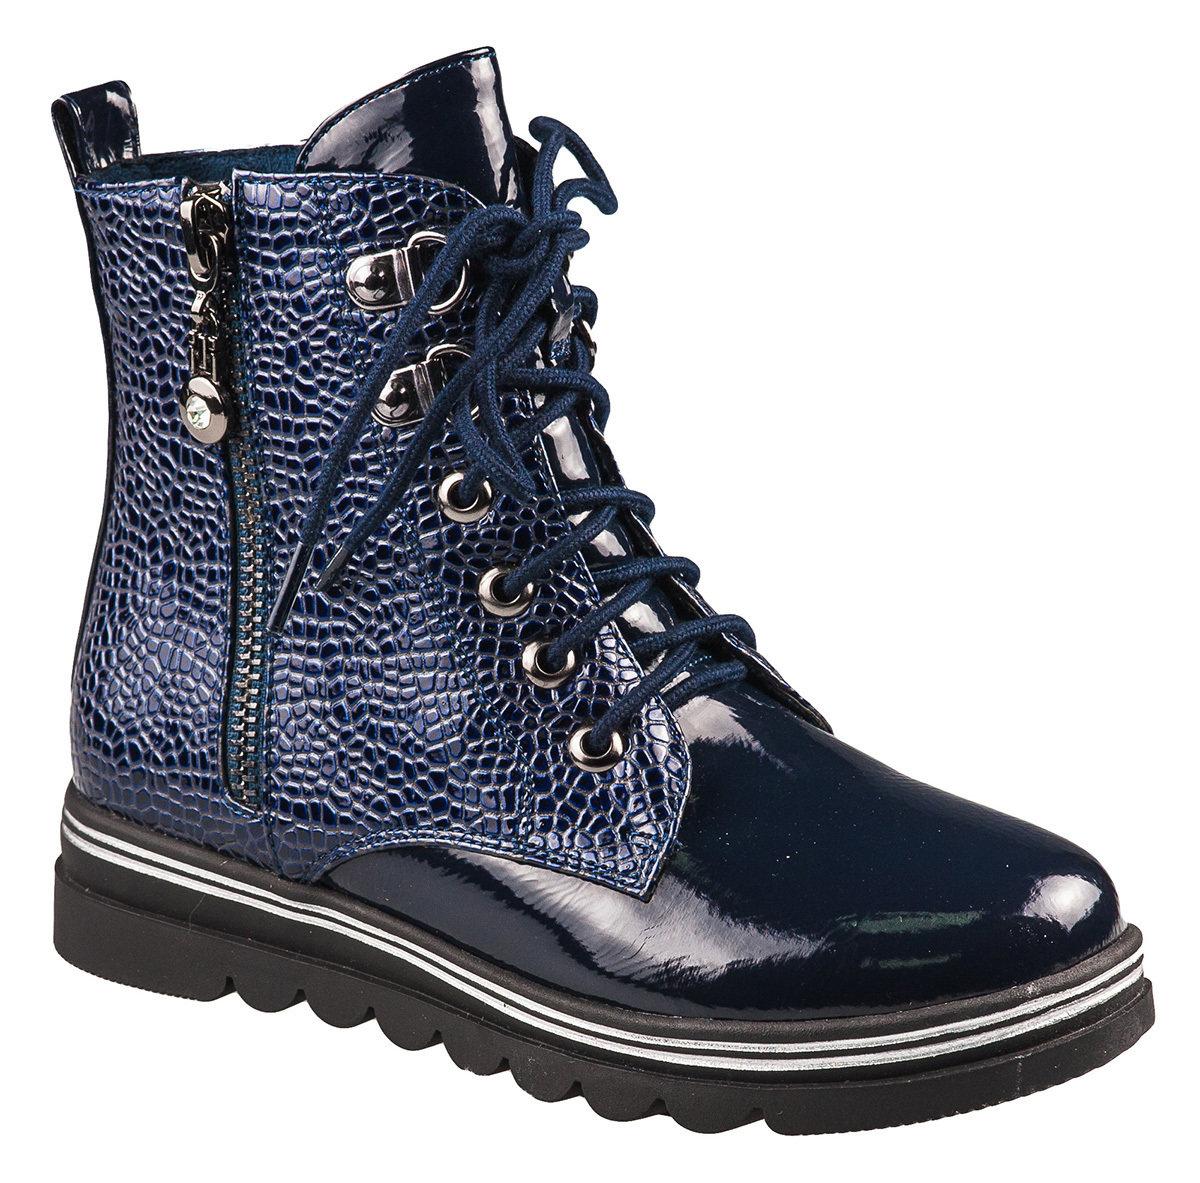 A-B21-59-D Ботинки BiKi  оптом, размеры 27-32